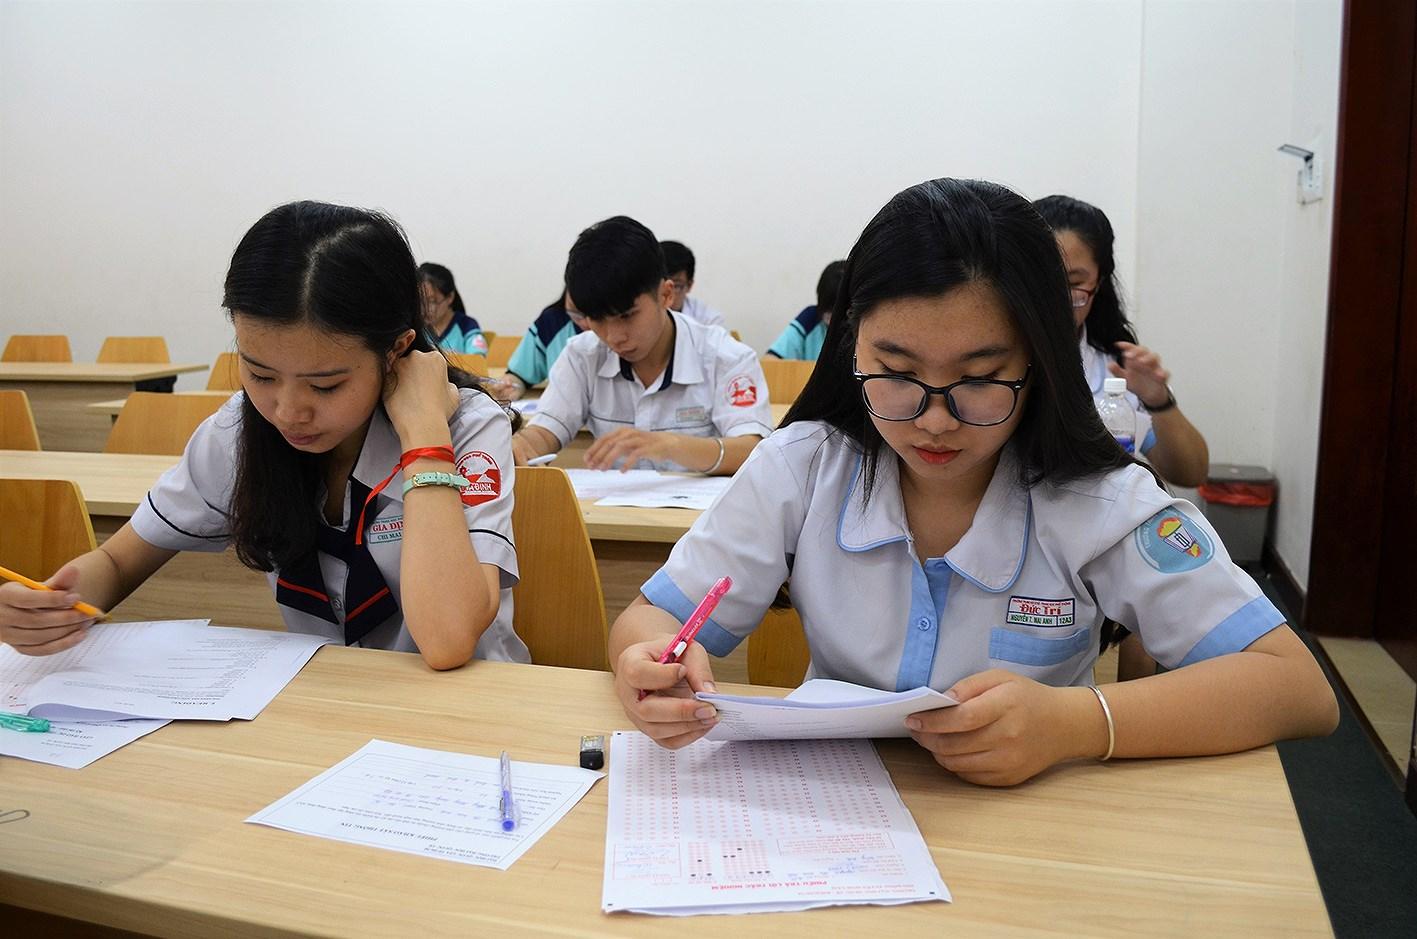 Xác định chỉ tiêu tuyển sinh theo tỉ lệ sinh viên ra trường có việc làm: Băn khoăn tính thực chất (19/3/2019)